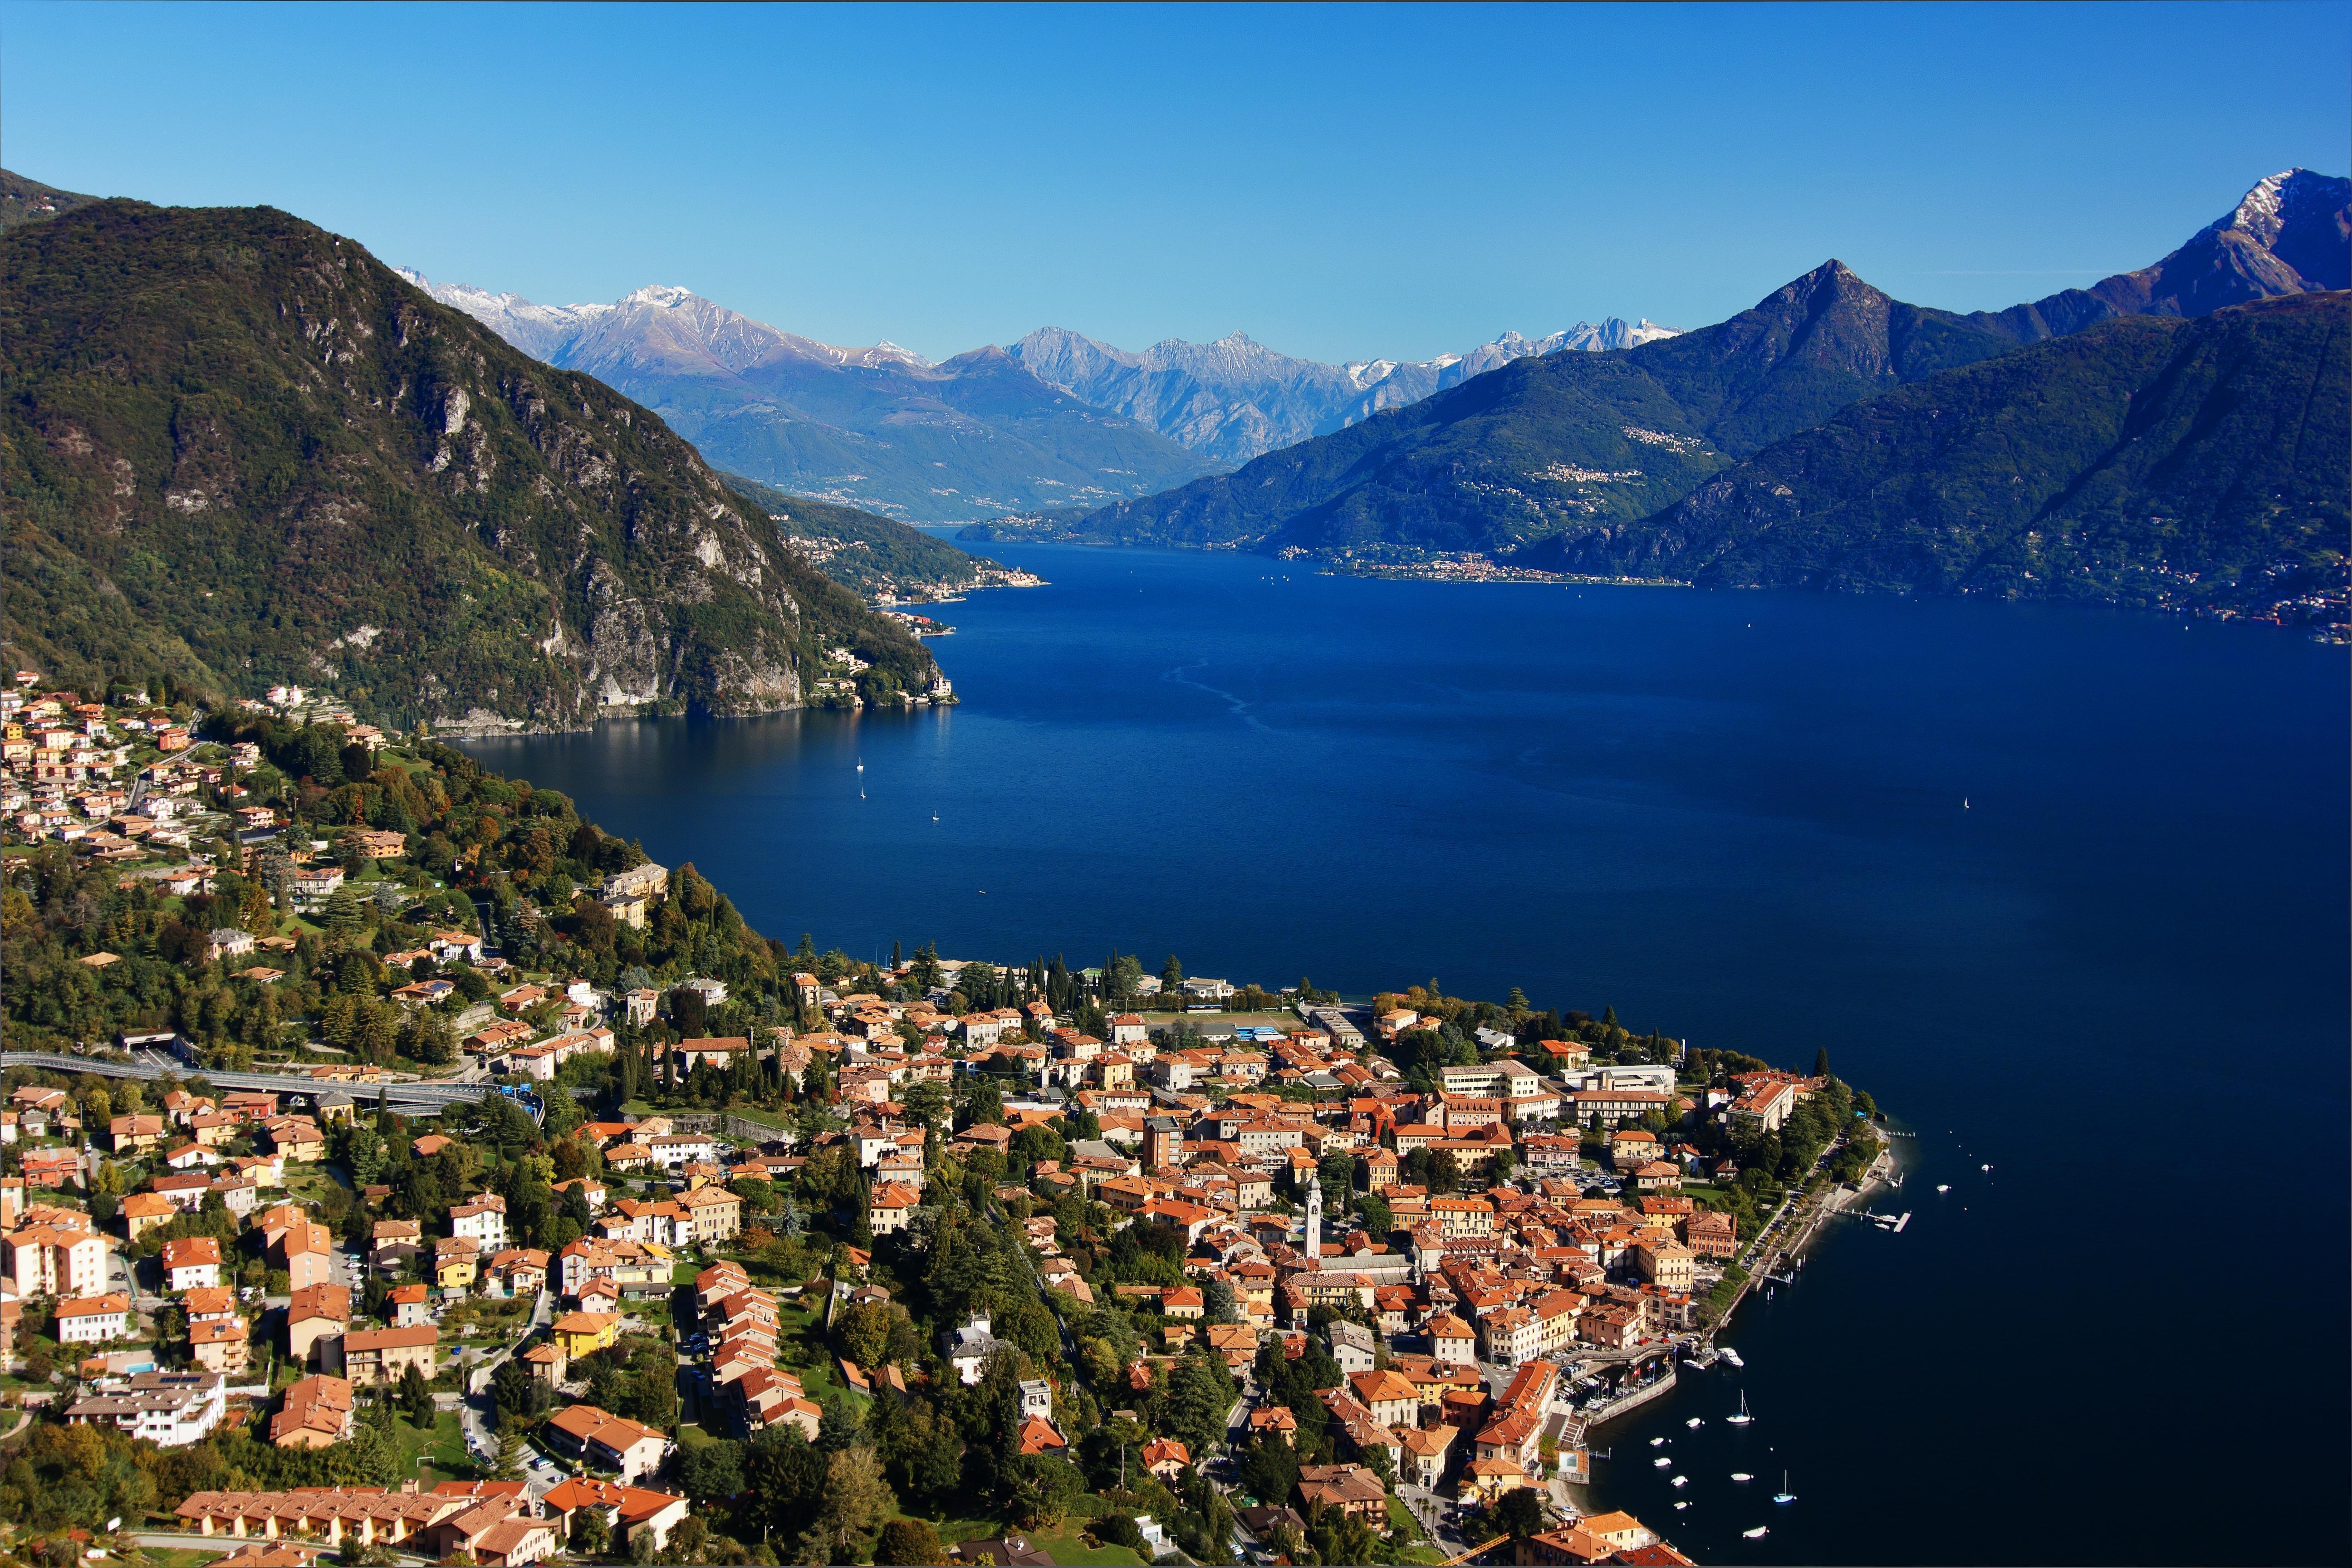 Lake Day Trips from Milan